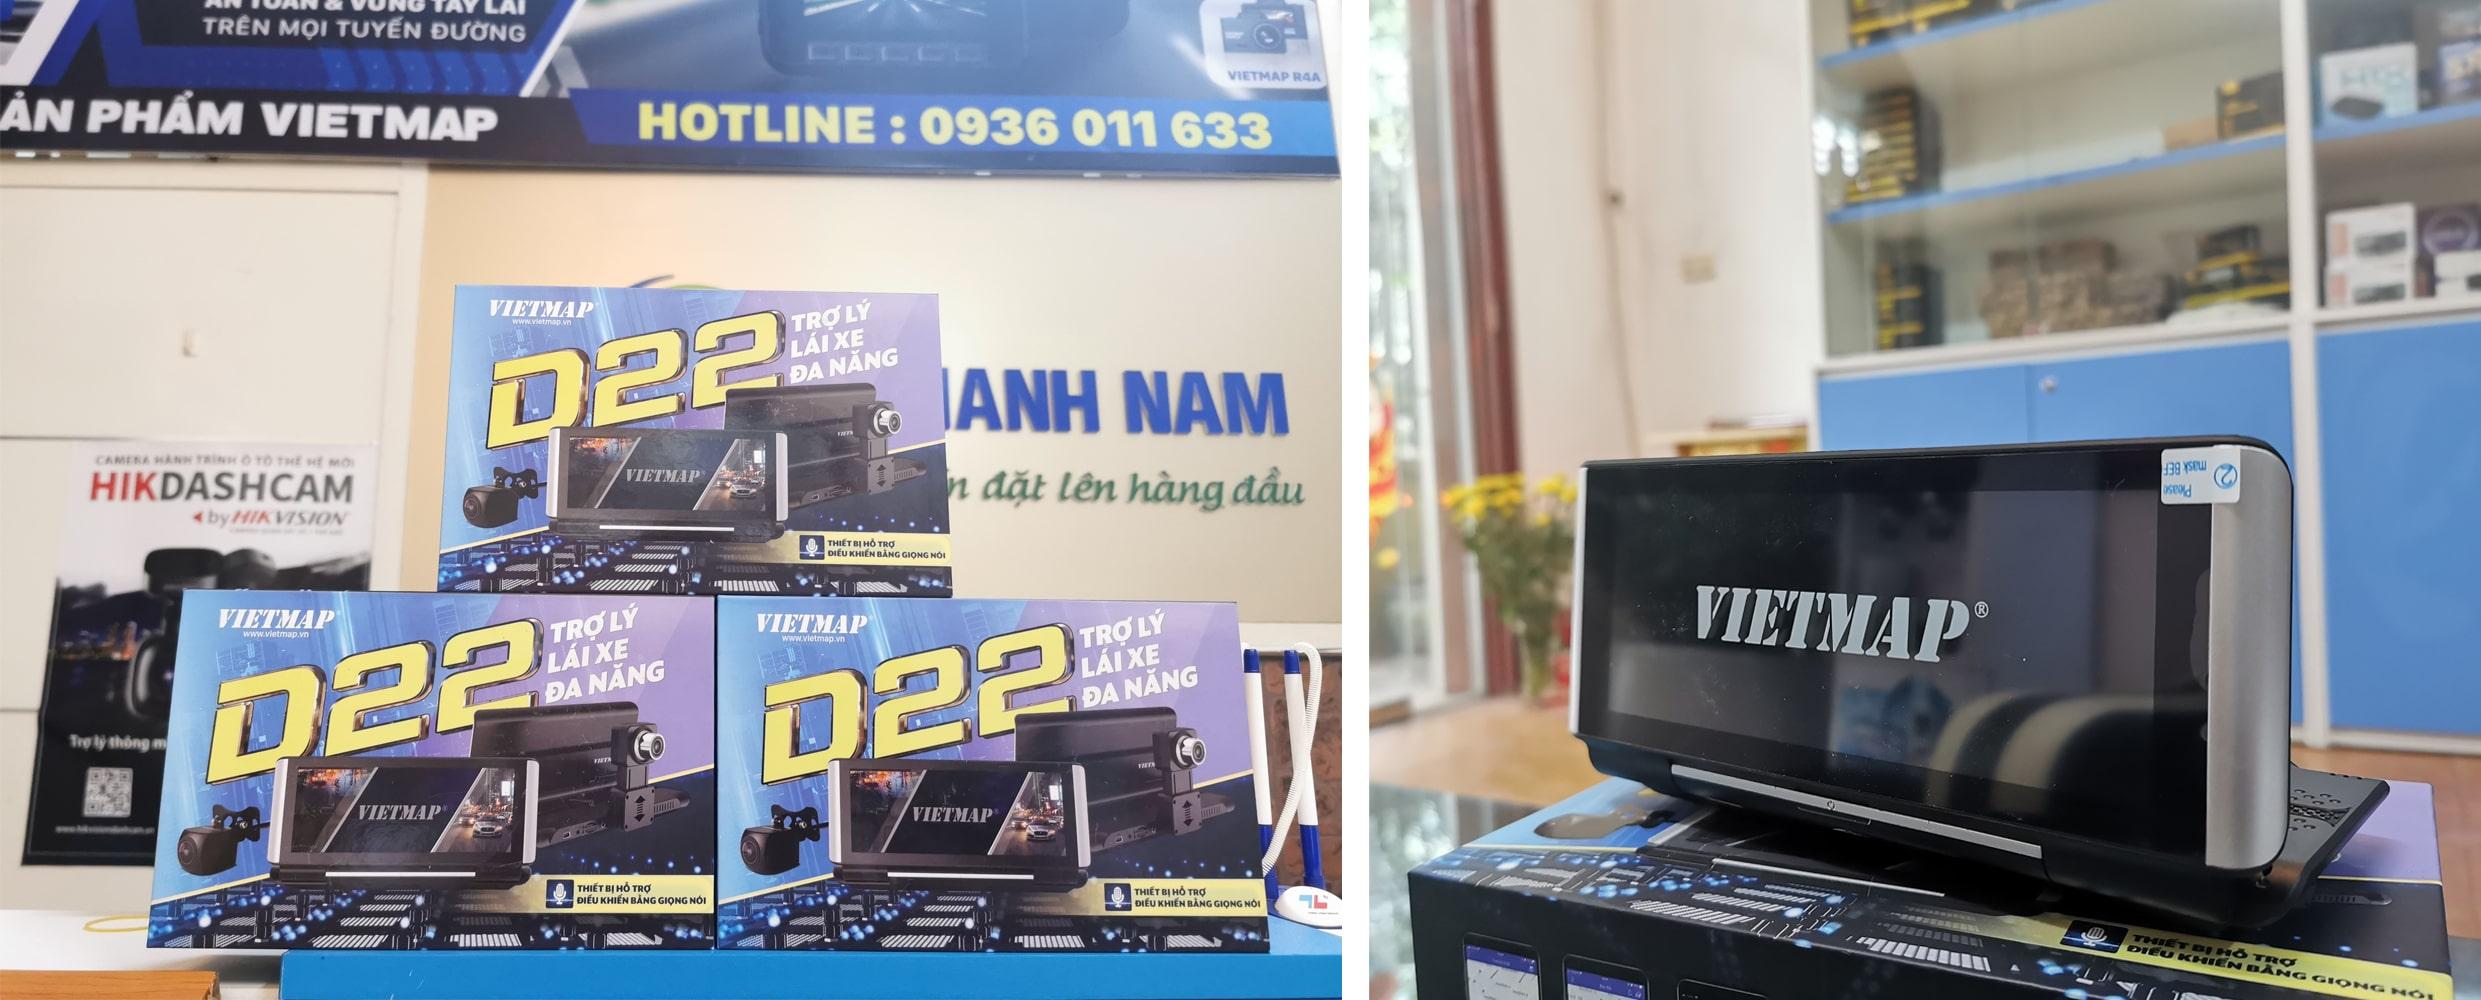 camera hành trình đặt tablo xe vietmap d22